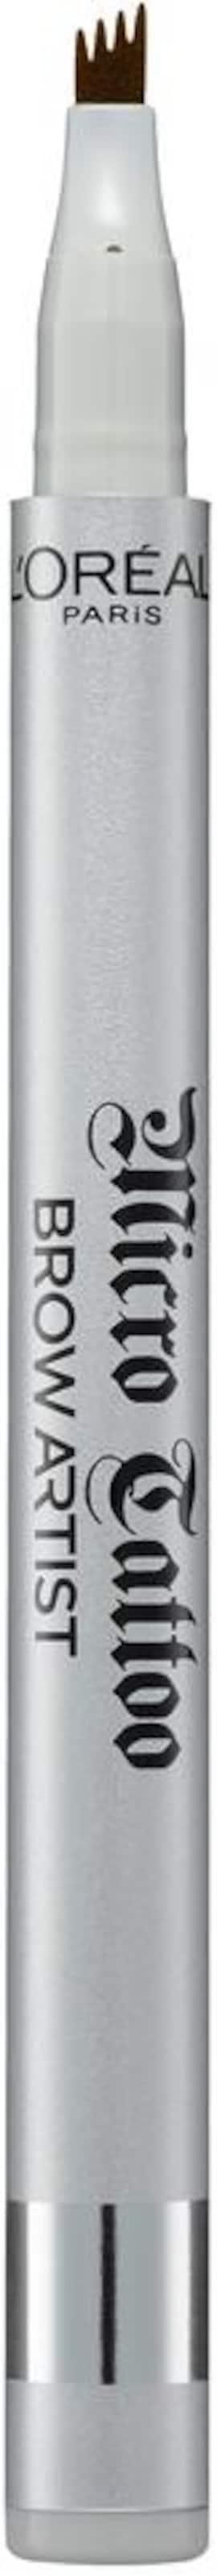 Billig Verkauf Gut Verkaufen Bester Online-Verkauf L'Oréal Paris BA MICROTATTOO 107 ePL32R